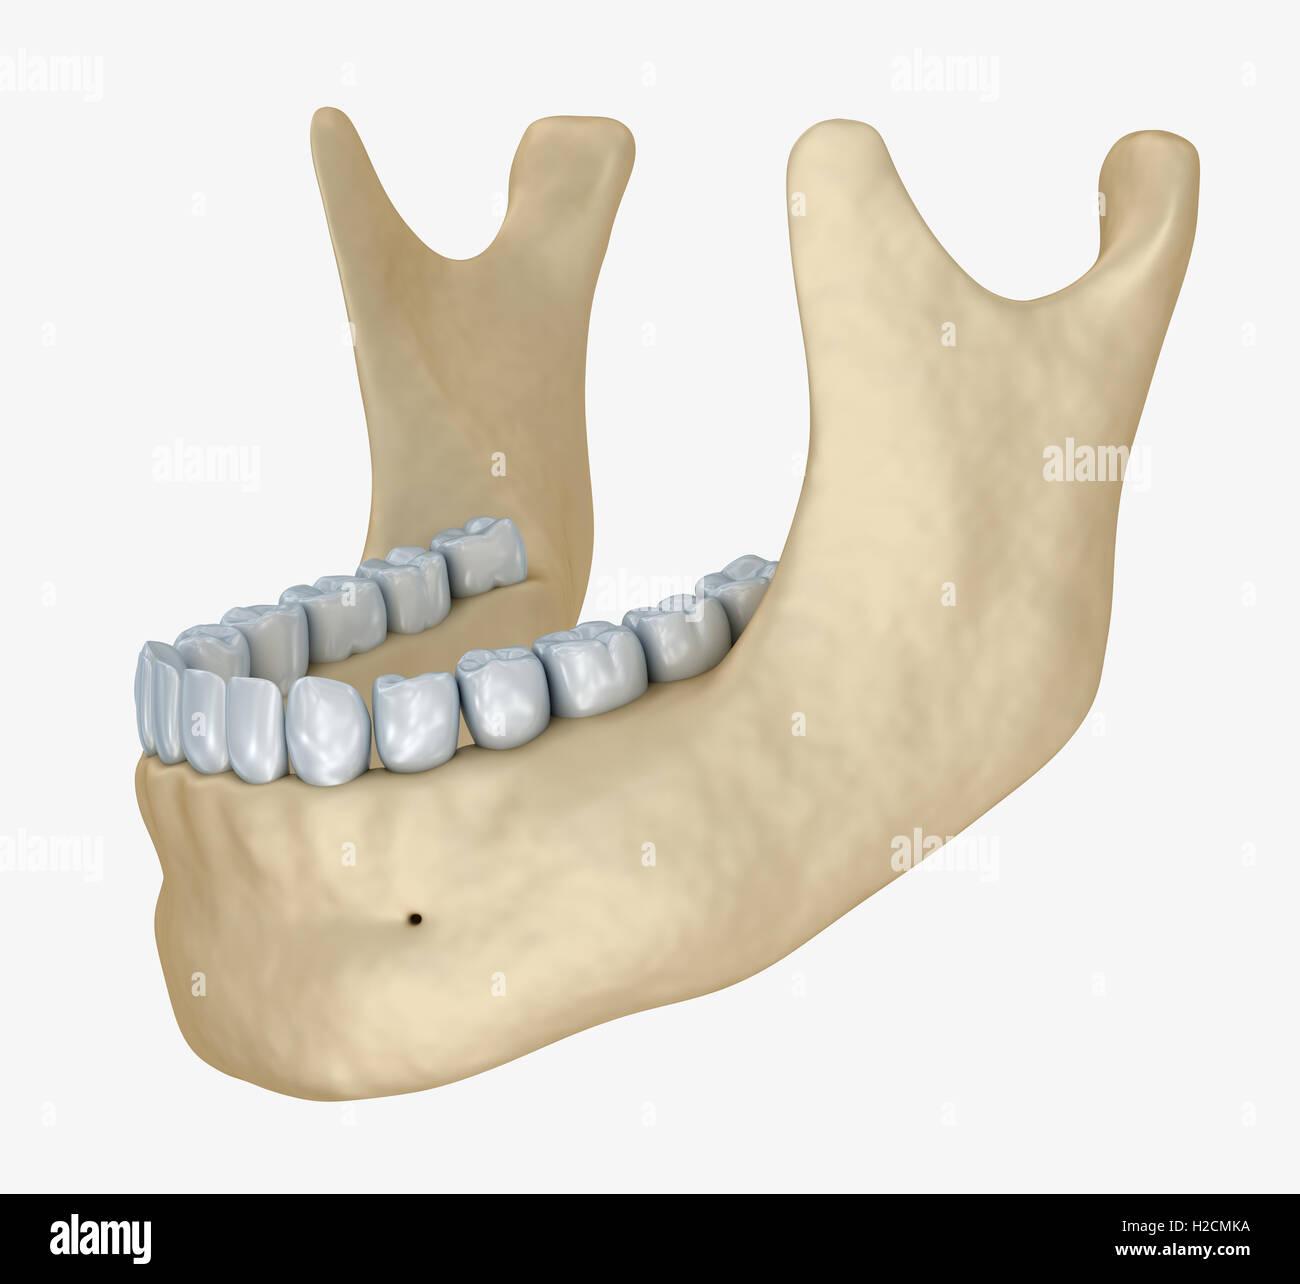 Unteren Kiefer Skelett und Zähne Anatomie. Medizinische präzise 3D ...